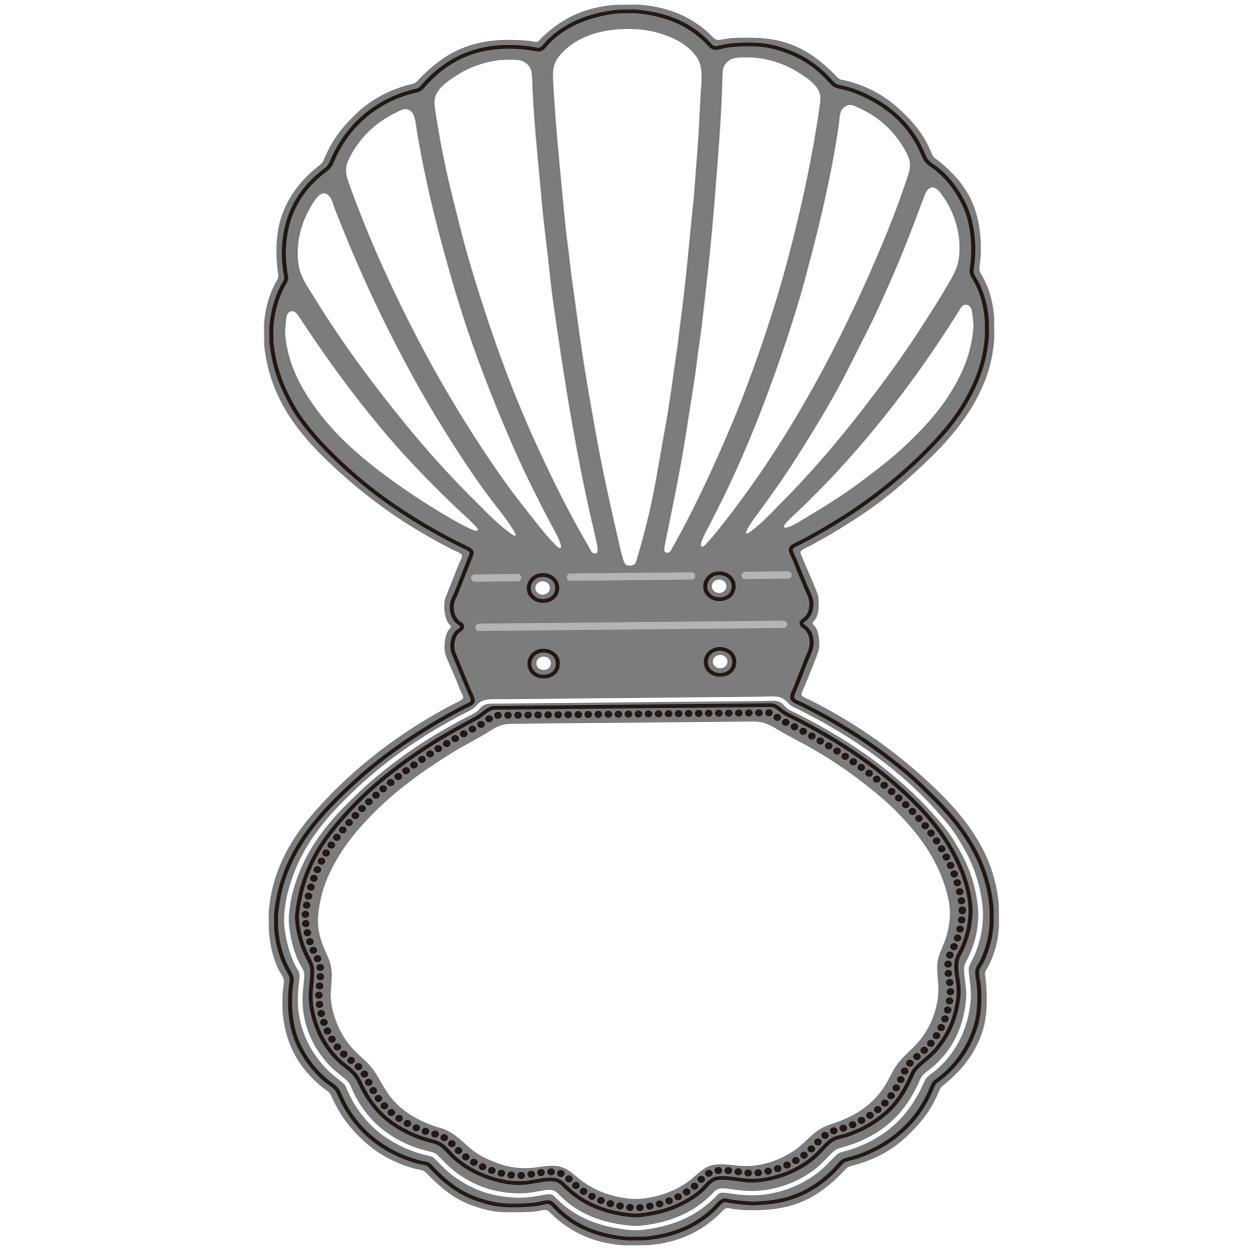 【419】/ワンダーハウス/ダイ(抜型)/貝殻カード スカラップ 貝